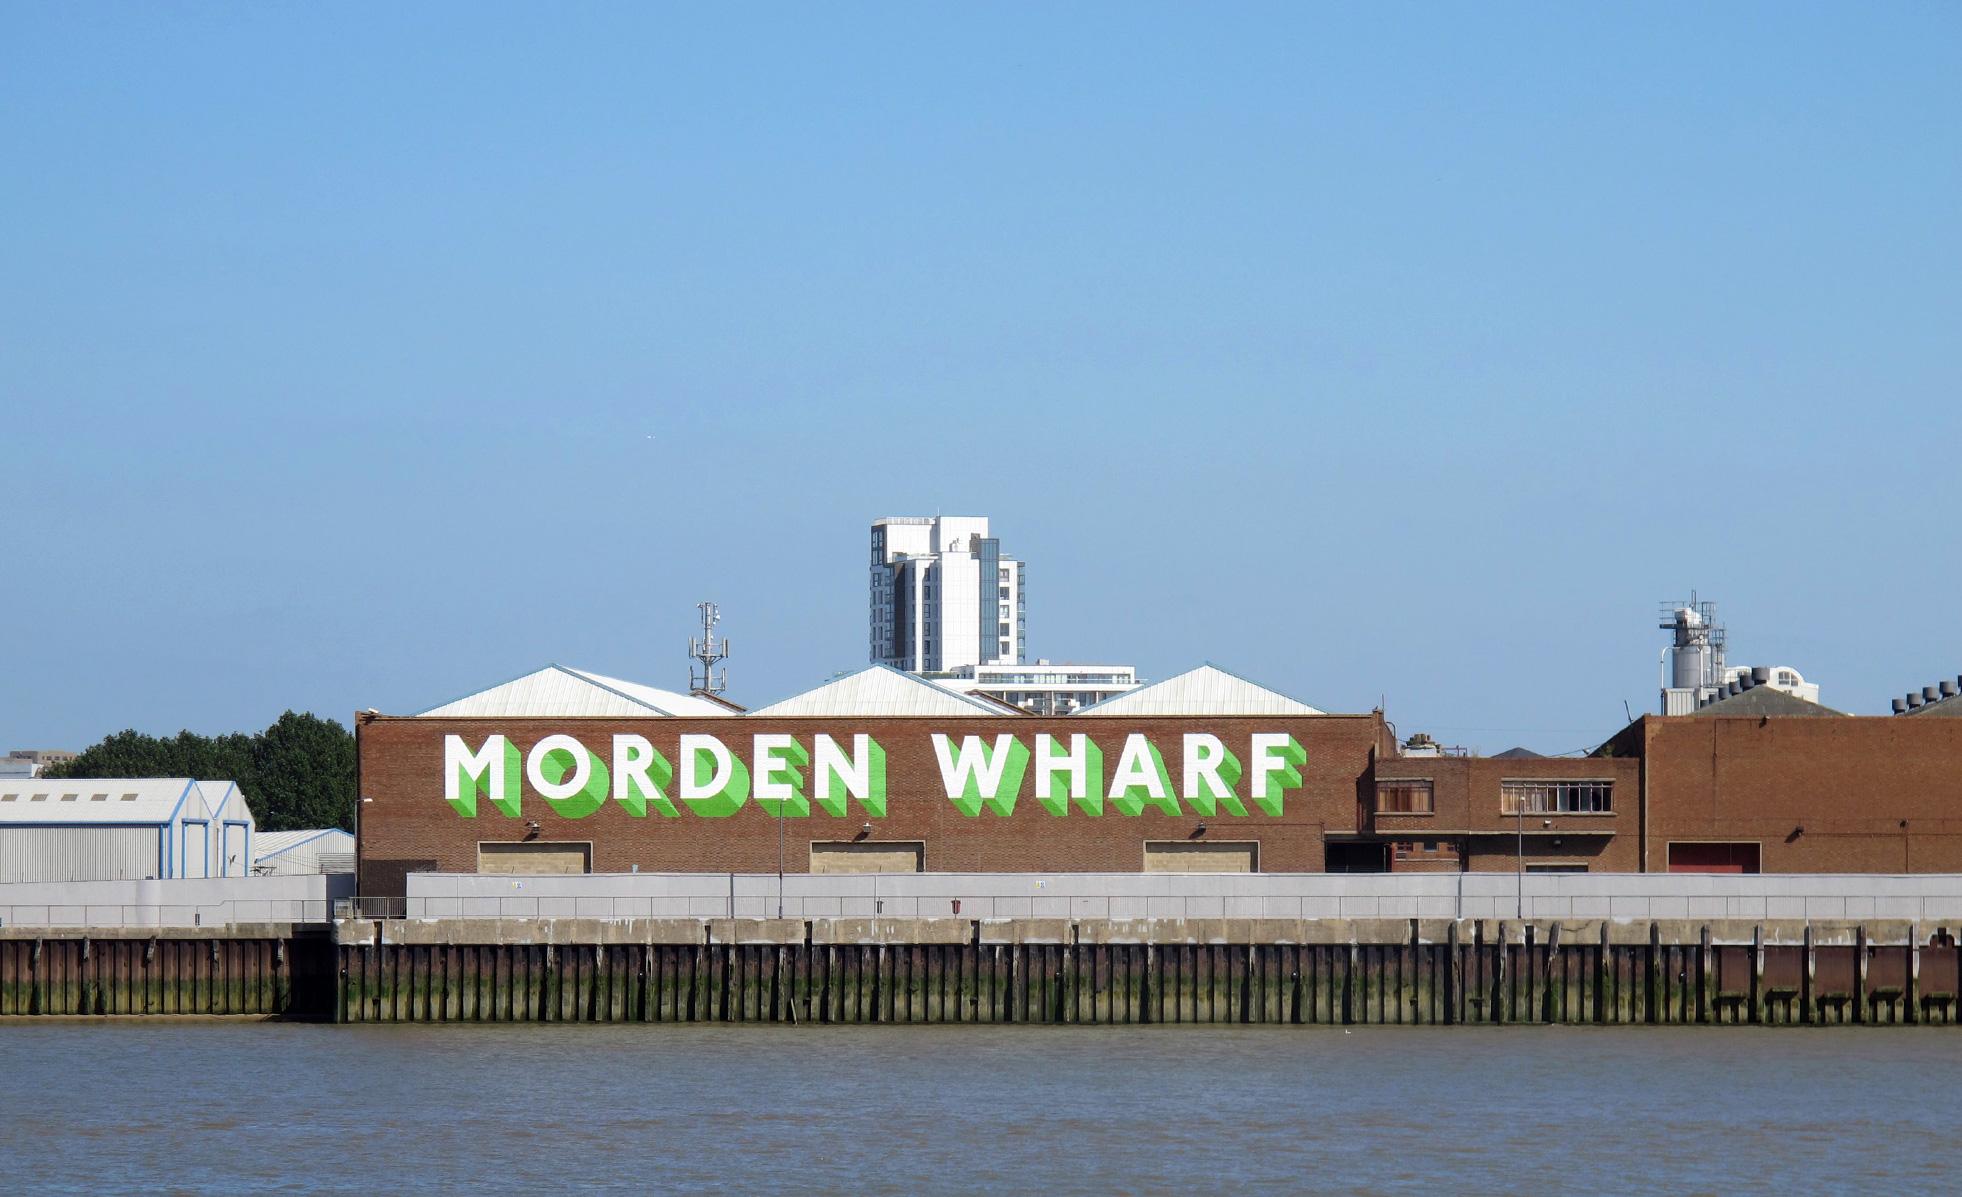 Morden Wharf